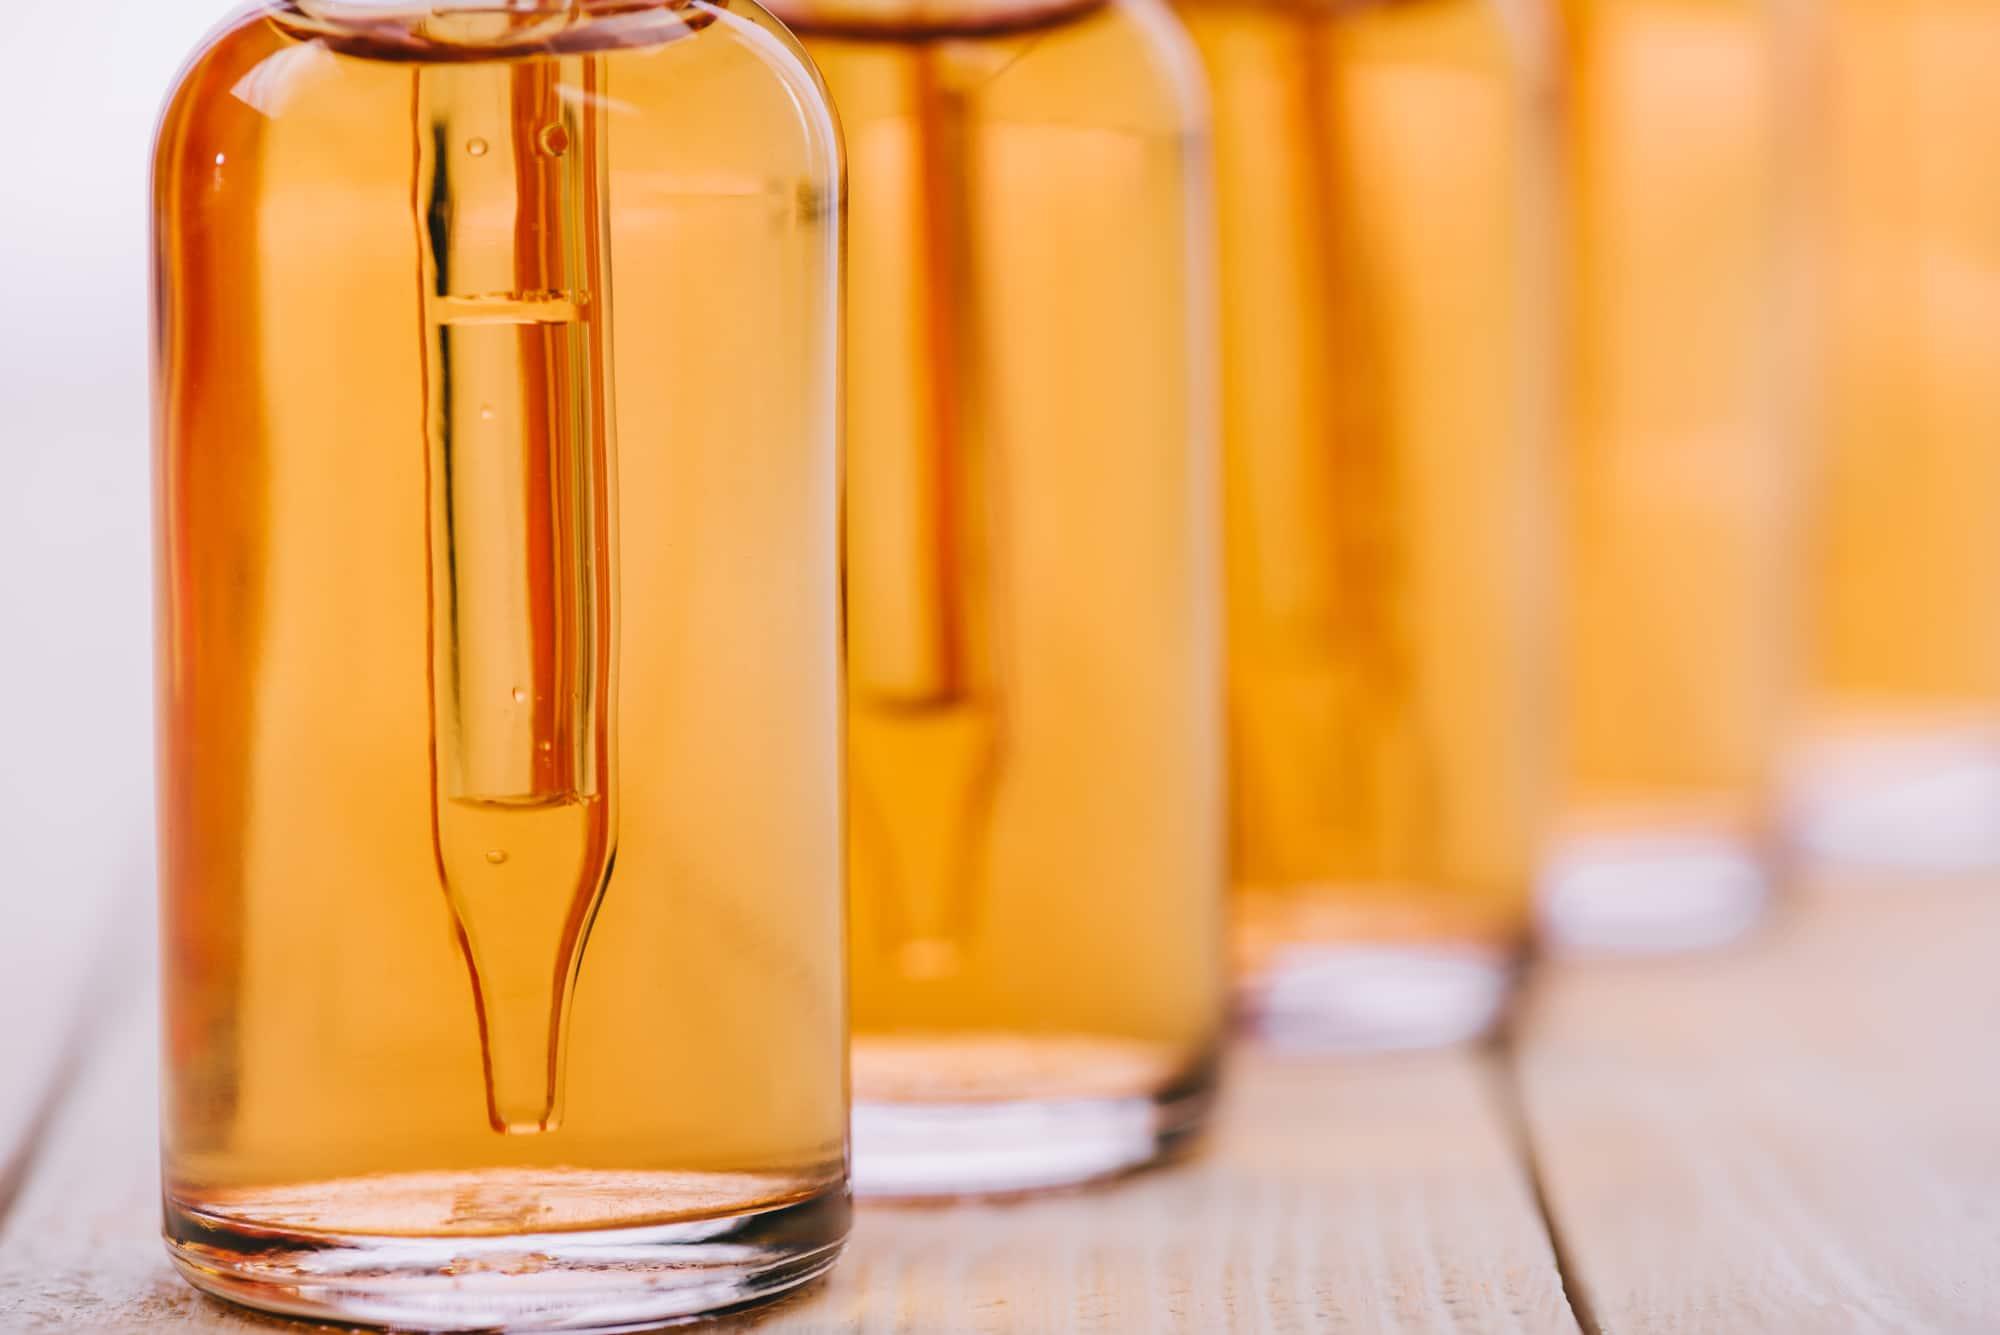 high-quality cbd oils